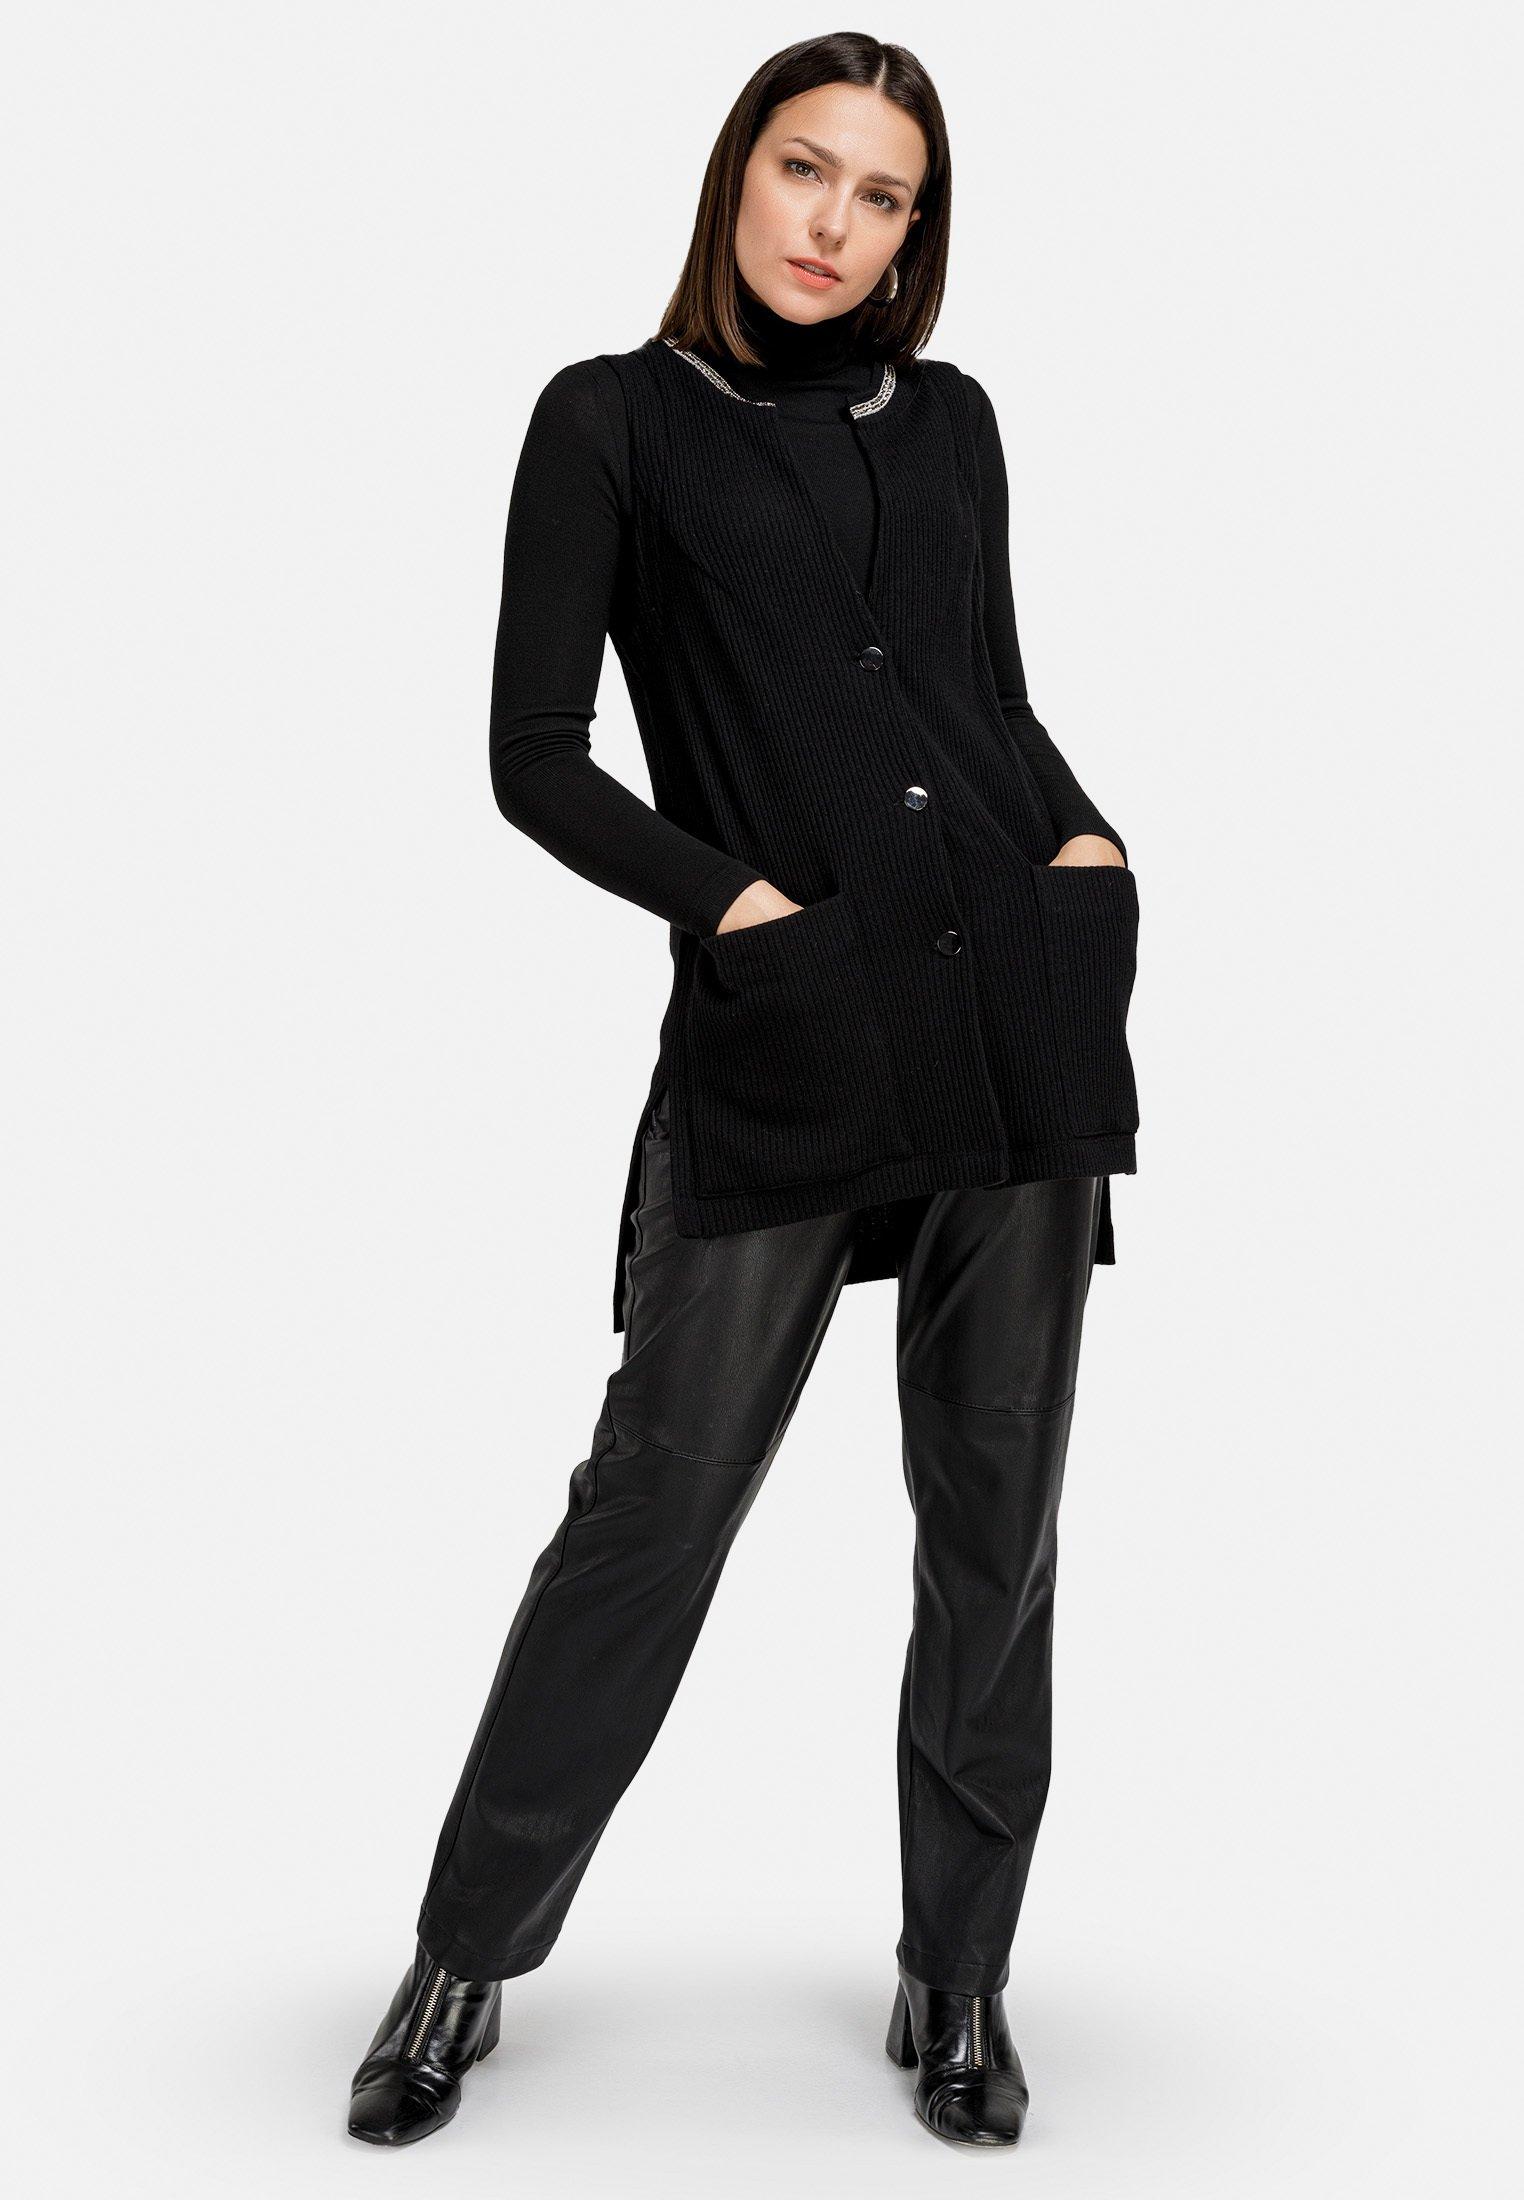 Femme WESTE - Veste sans manches